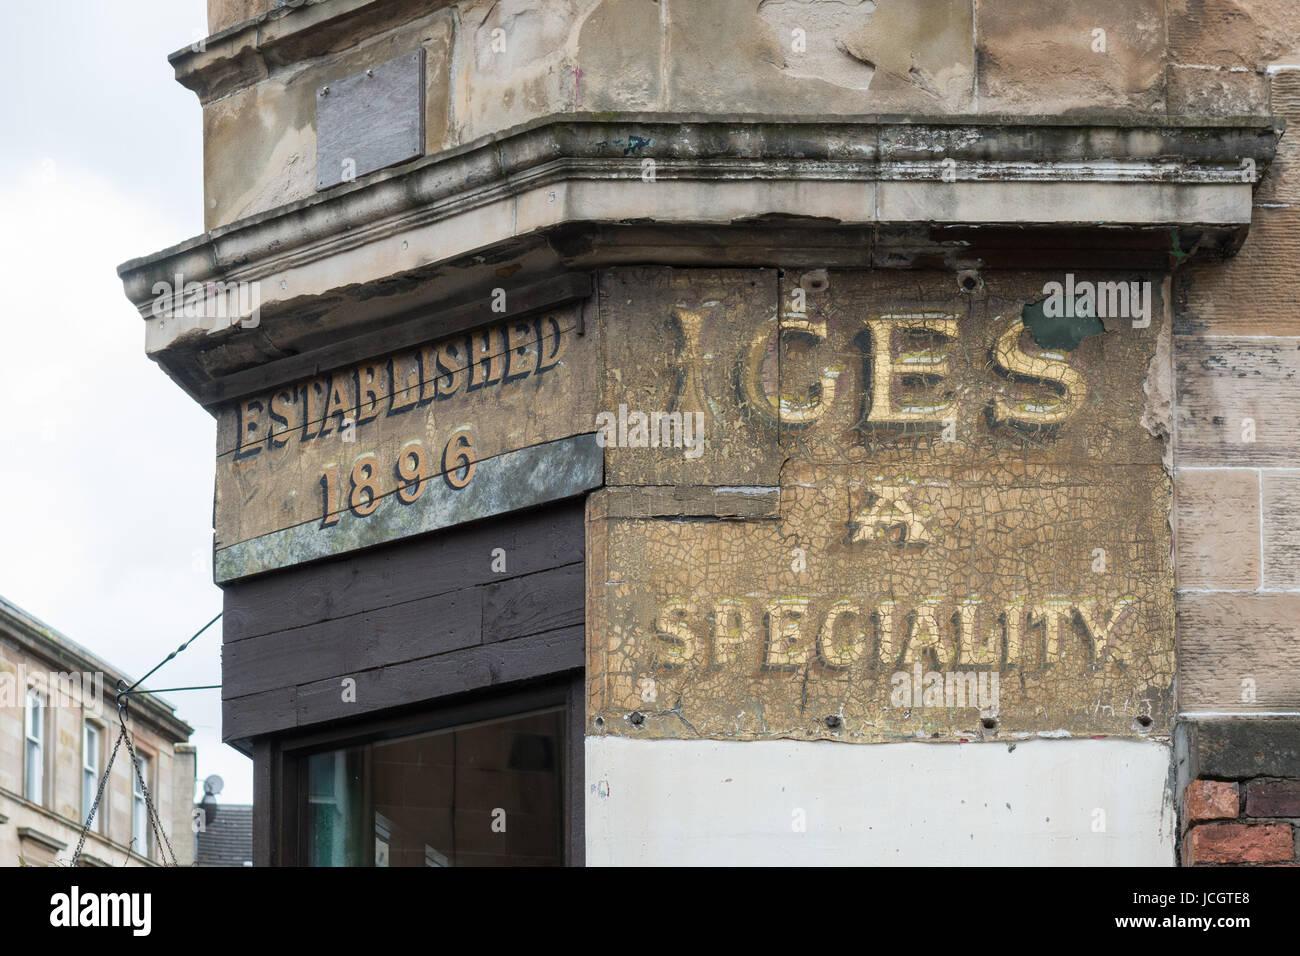 Old shop signage - Kelvingrove Cafe, Finnieston, Glasgow, Scotland, UK - Stock Image